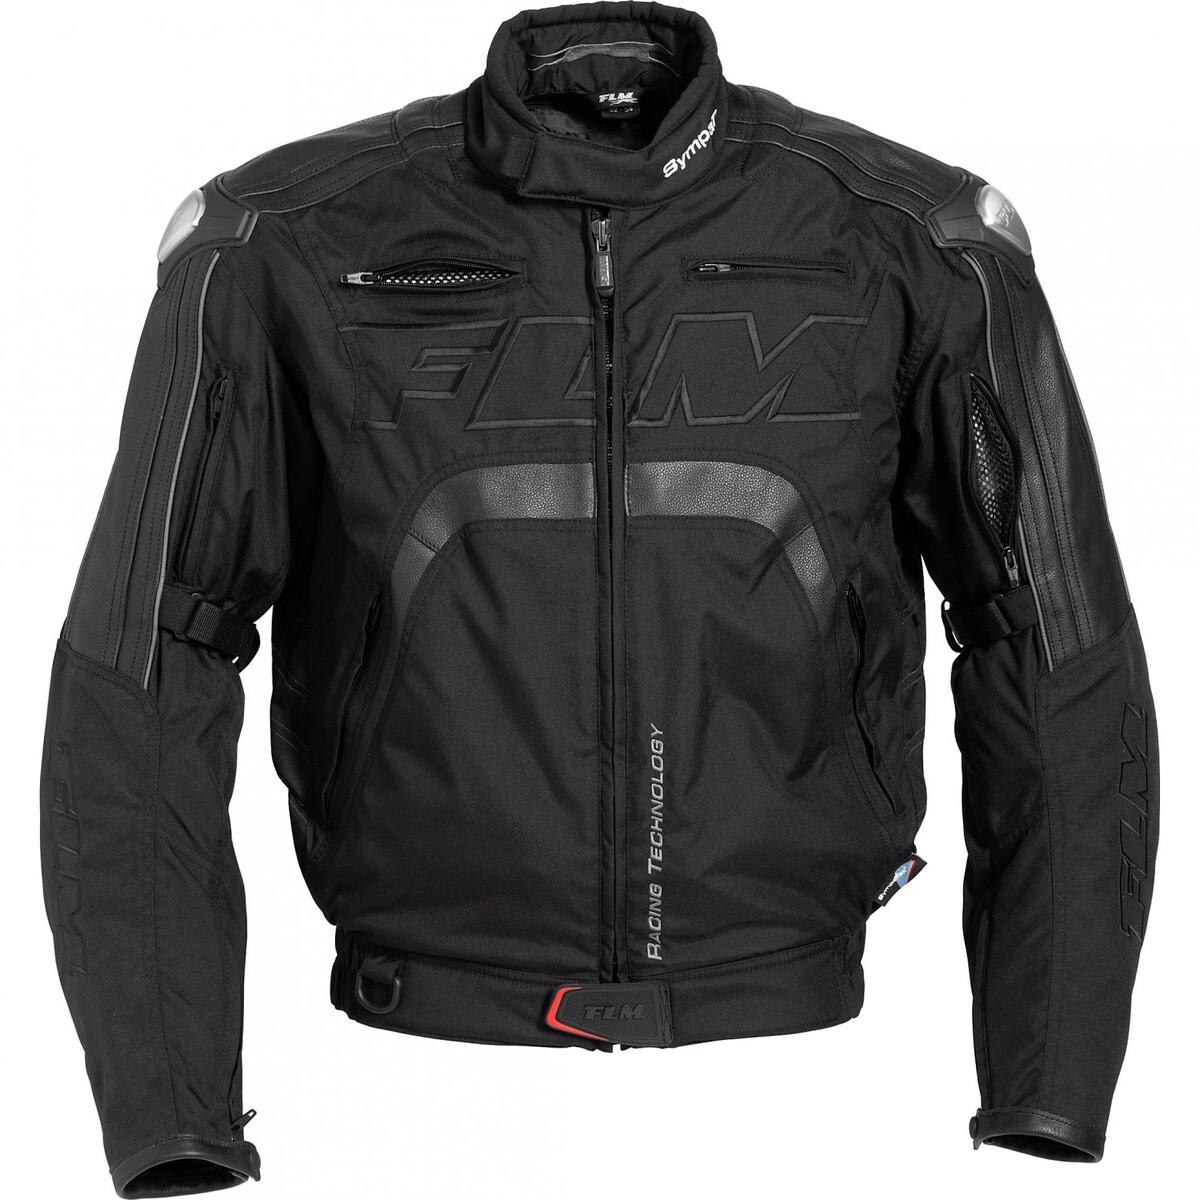 Bild 1 von FLM Sports Leder-/Textiljacke 3.0 schwarz Herren Größe S